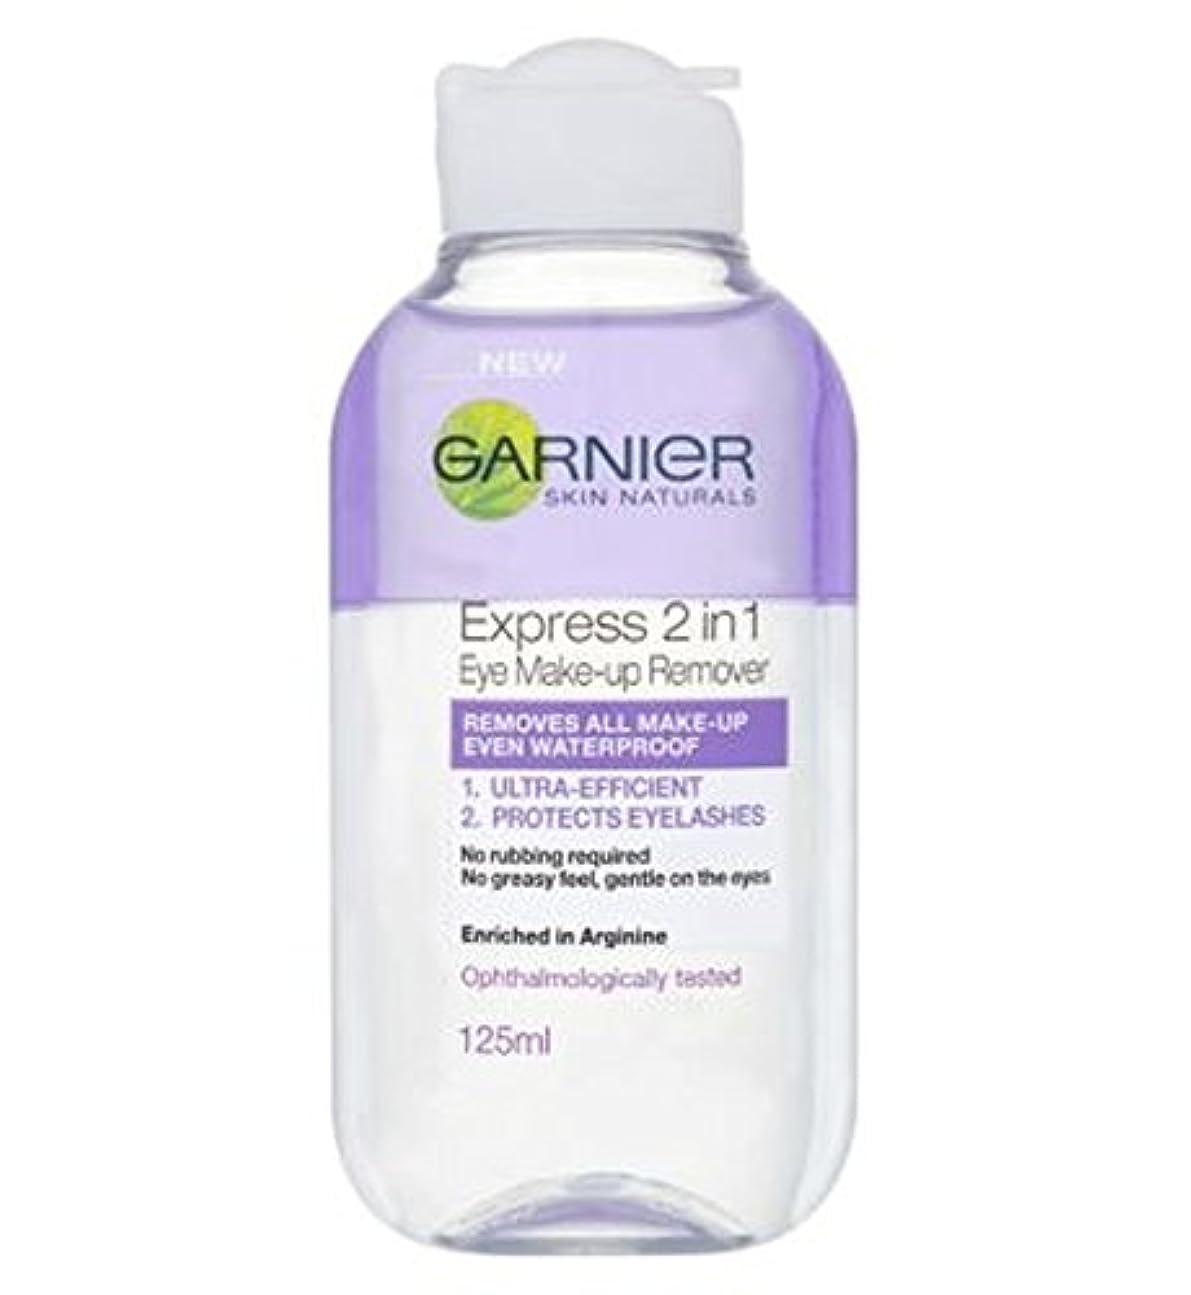 脱臼する交通みぞれGarnier Express 2in1 eye make up remover 125ml - ガルニエ急行の2In1の目は、リムーバー125ミリリットルを作ります (Garnier) [並行輸入品]